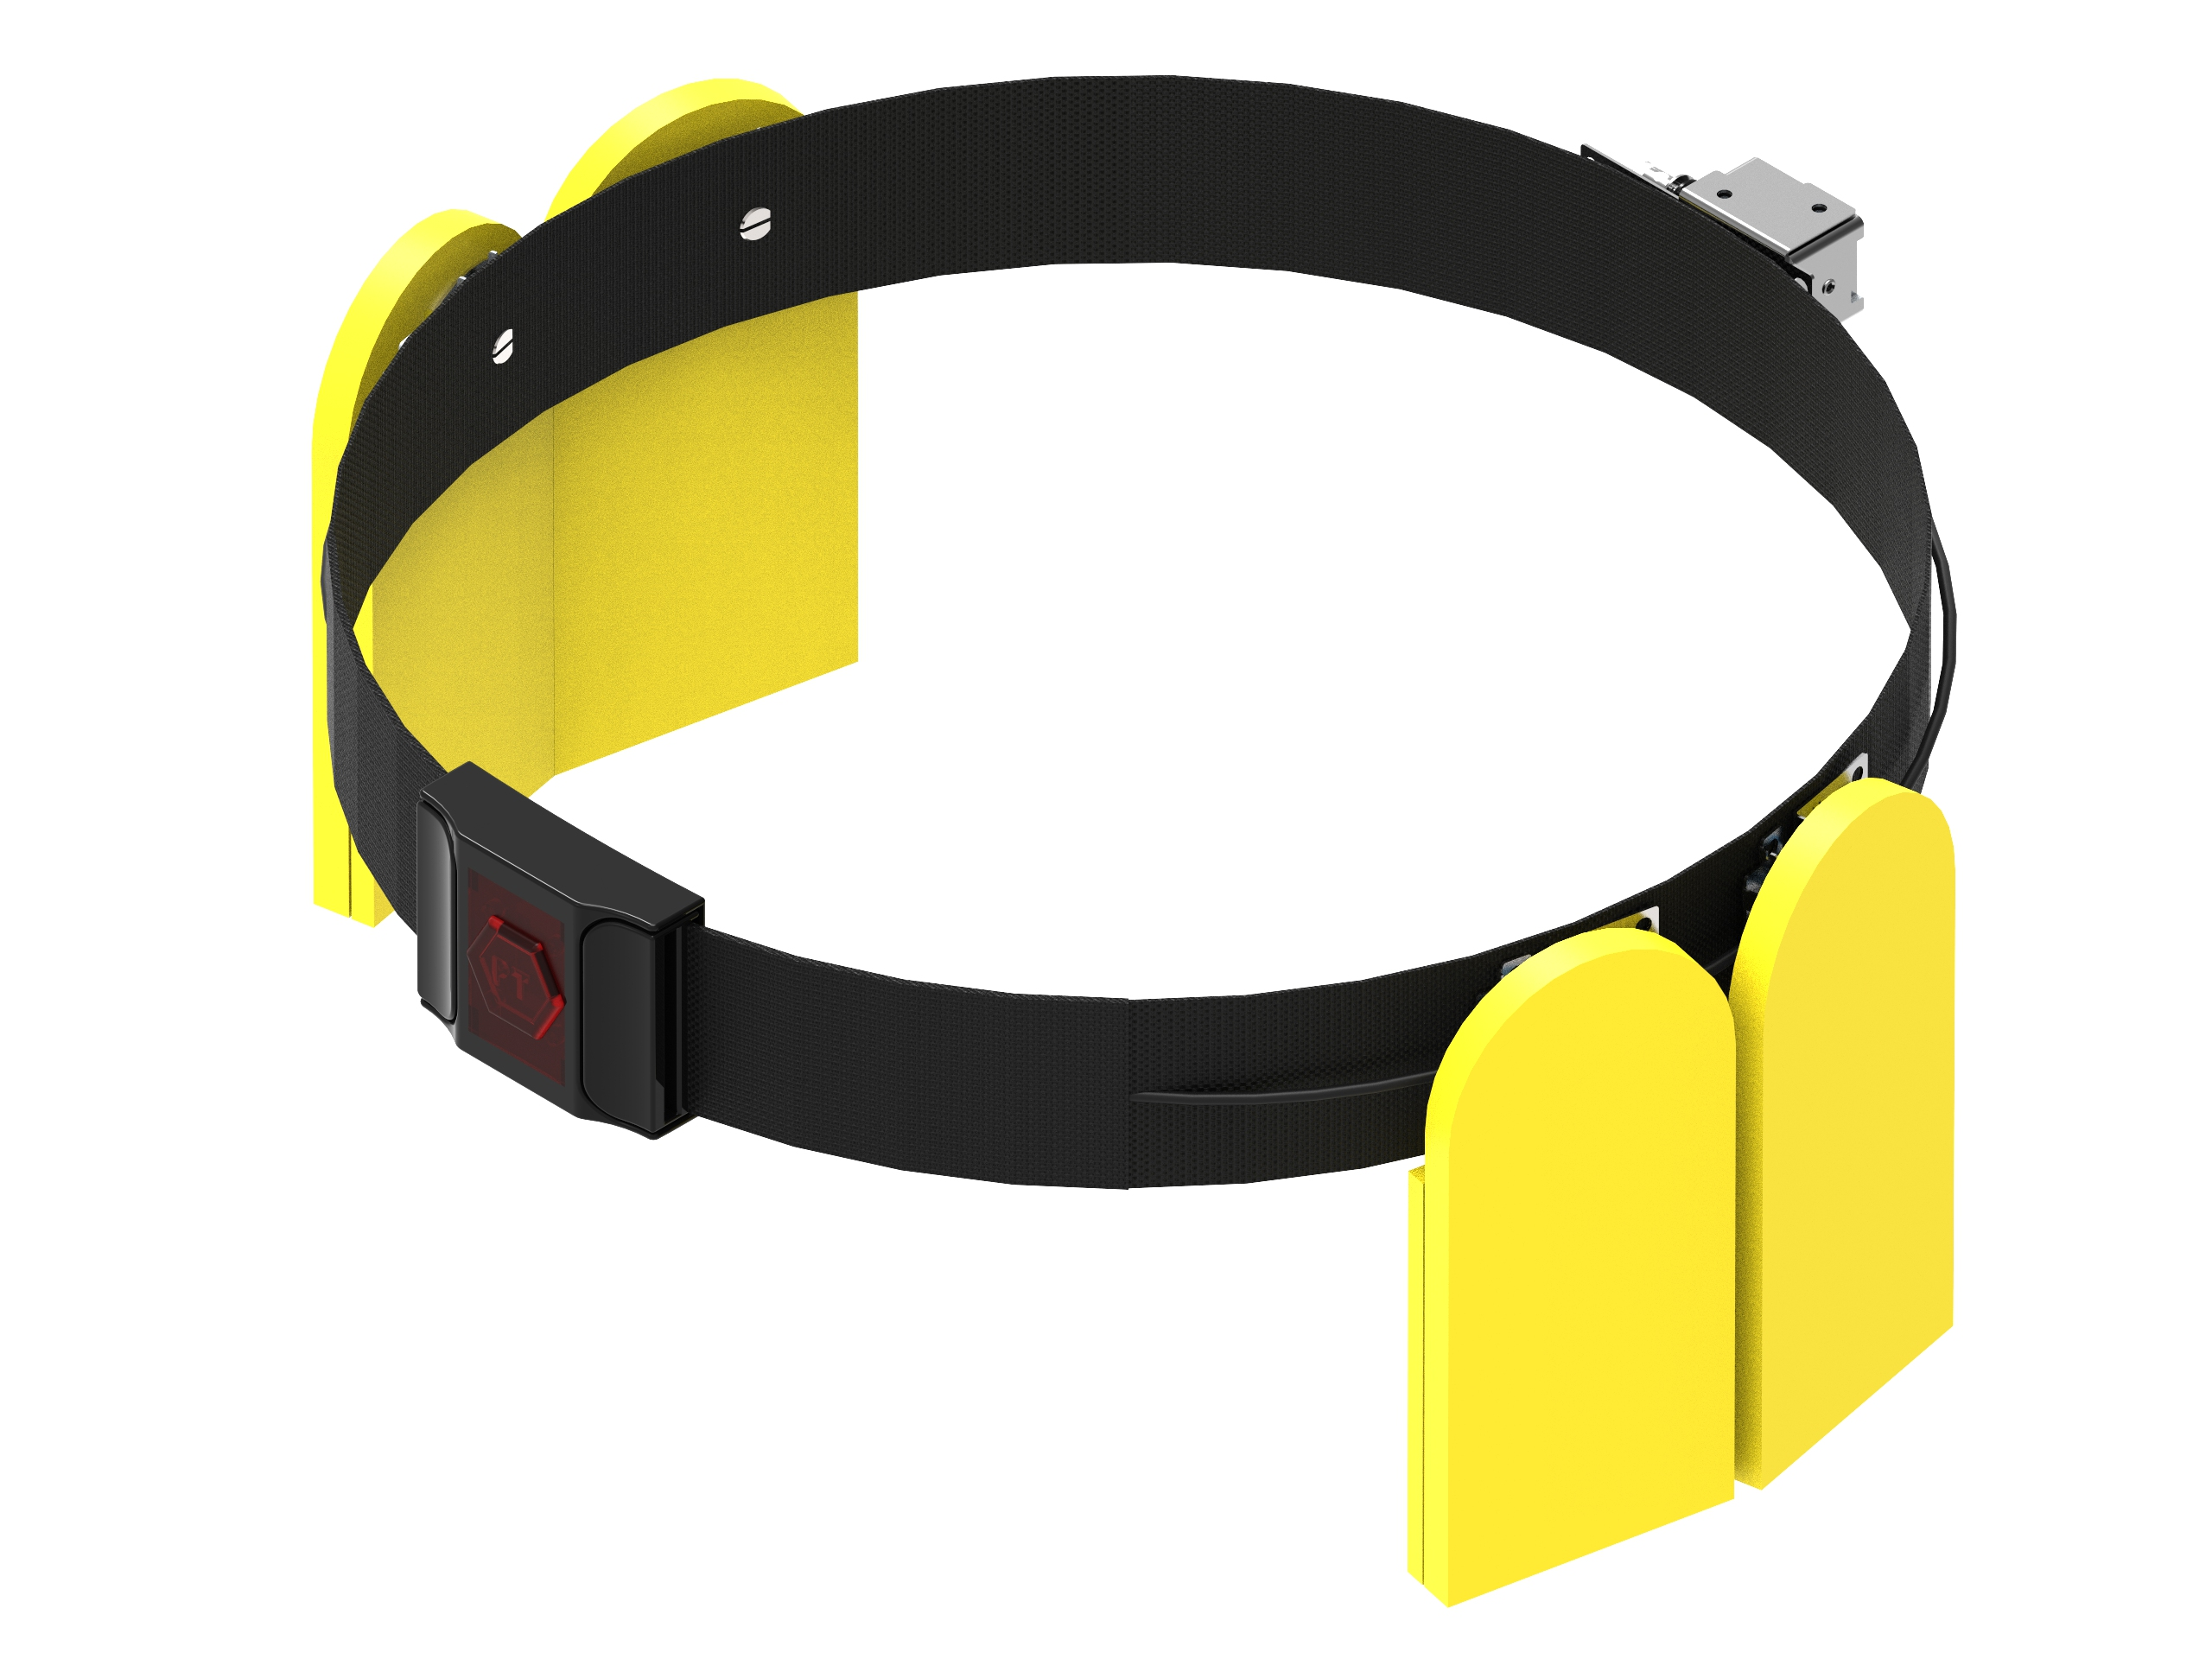 Cinturón `protector de impactos en caderas. Innovación, desarrollo de producto, ingeniería, I+D+i